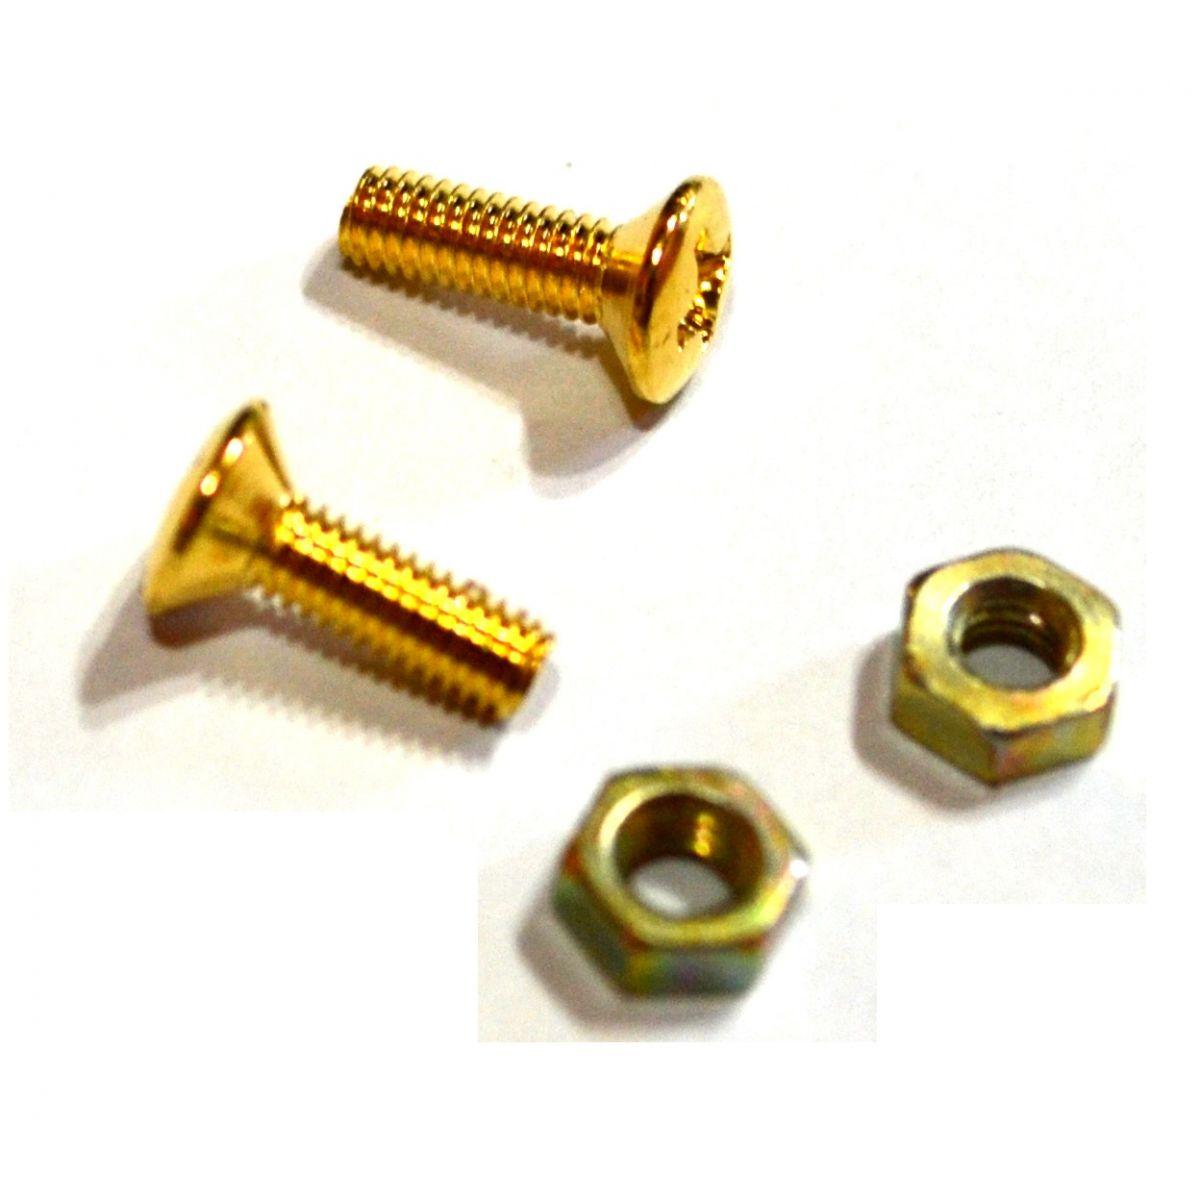 Parafuso dourado para escudo (Les Paul) (10mm x 3mm) - Kit c/ 2 peças  - Luthieria Brasil